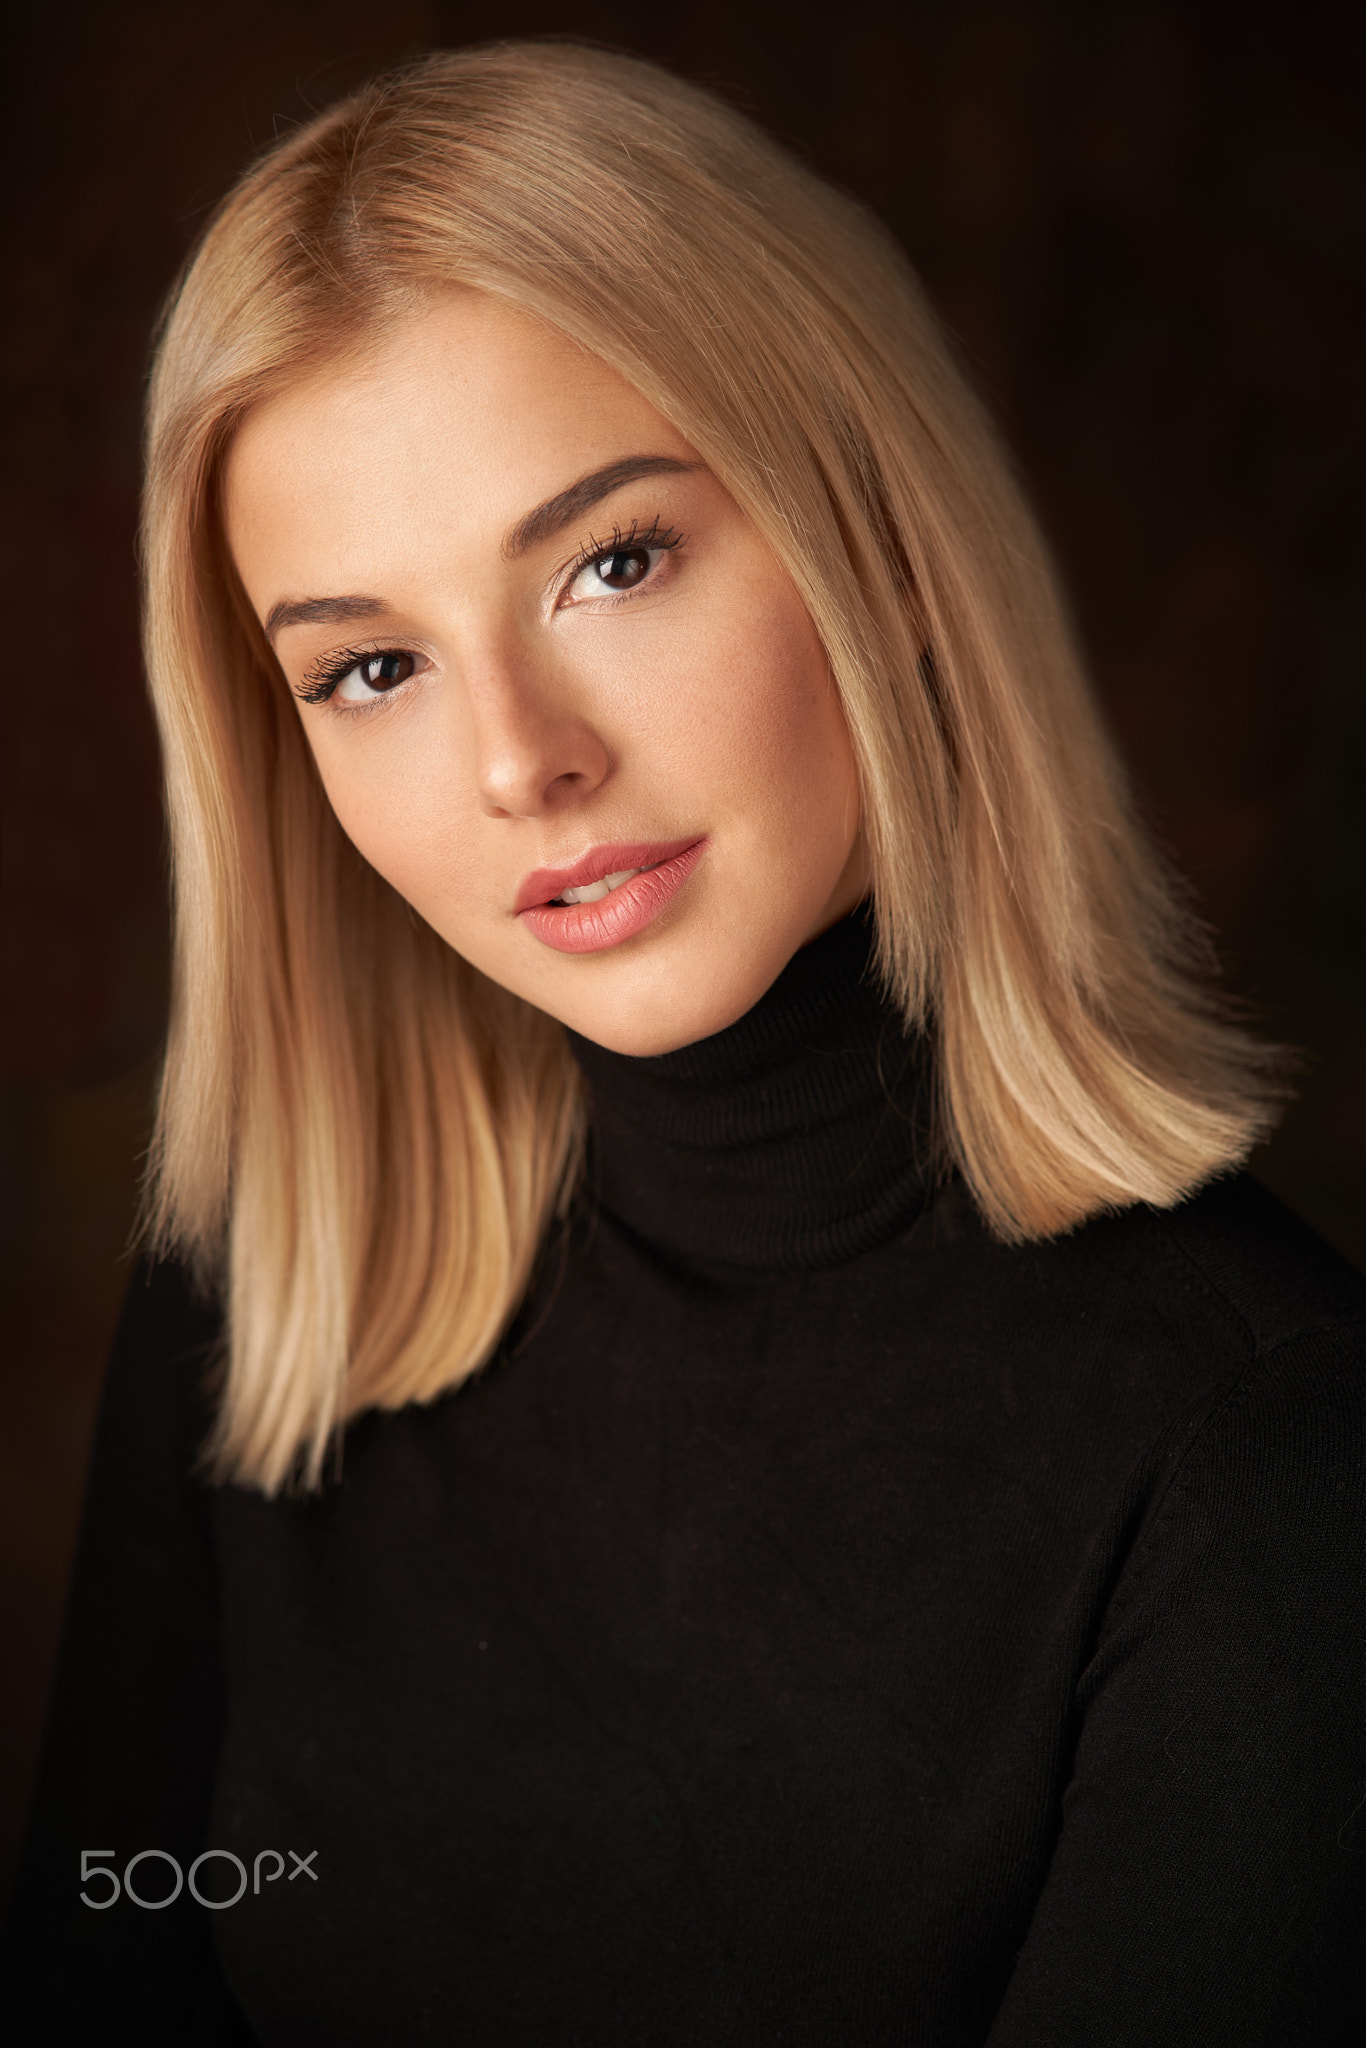 Alexander Vinogradov Women Blonde Shoulder Length Hair Straight Hair Makeup Dark Eyes Looking At Vie 1366x2048